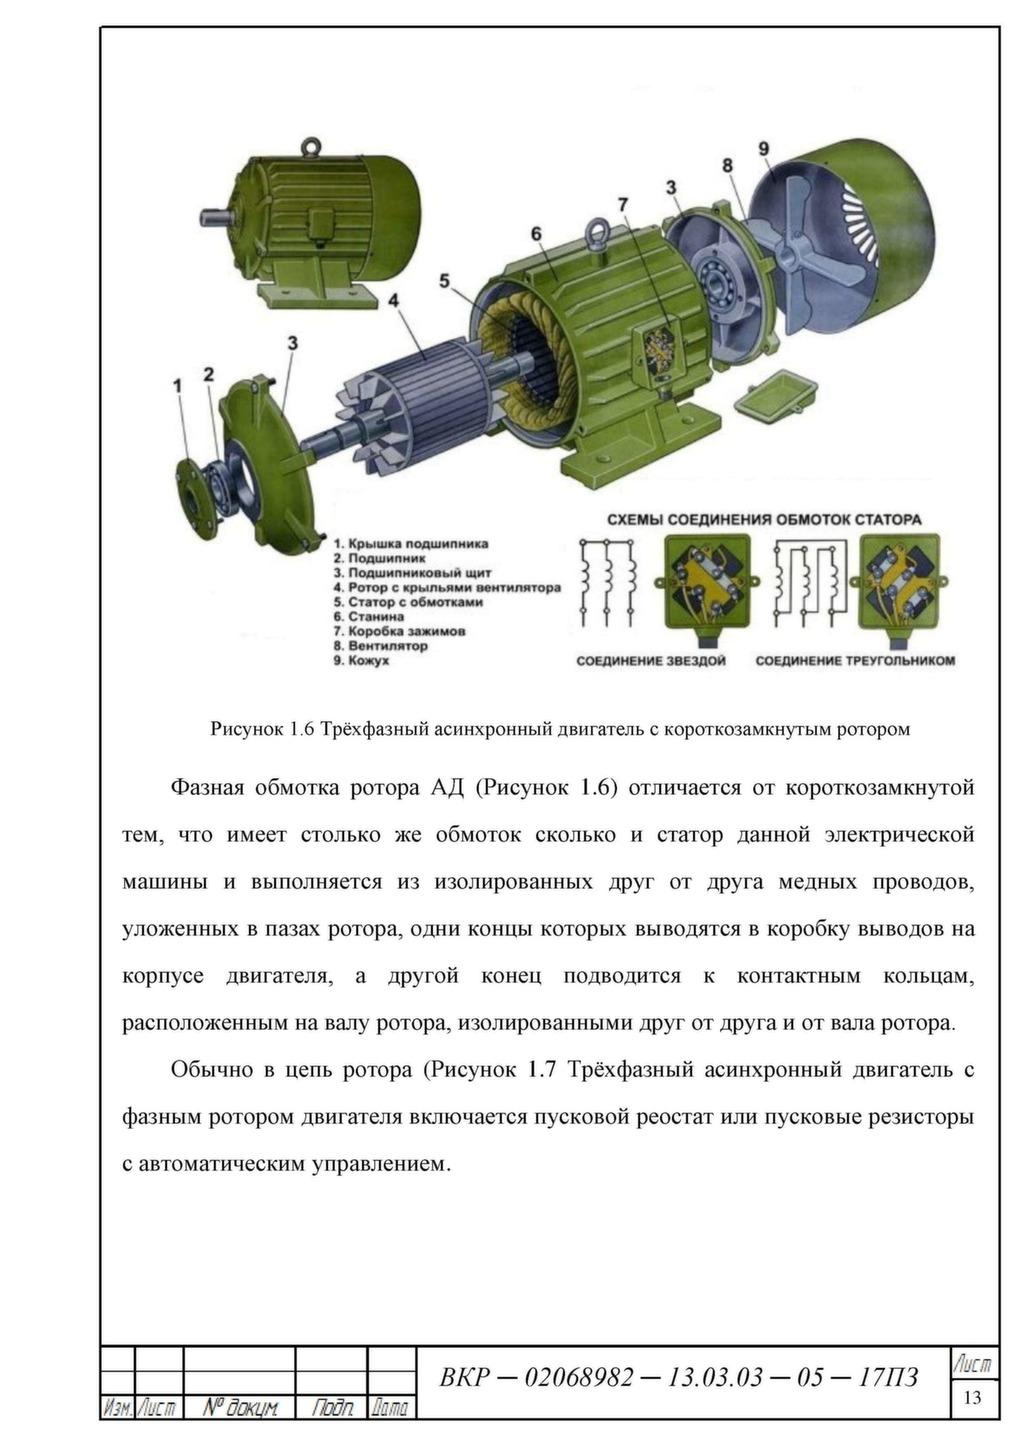 Асинхронный двигатель с короткозамкнутым ротором схема подключения